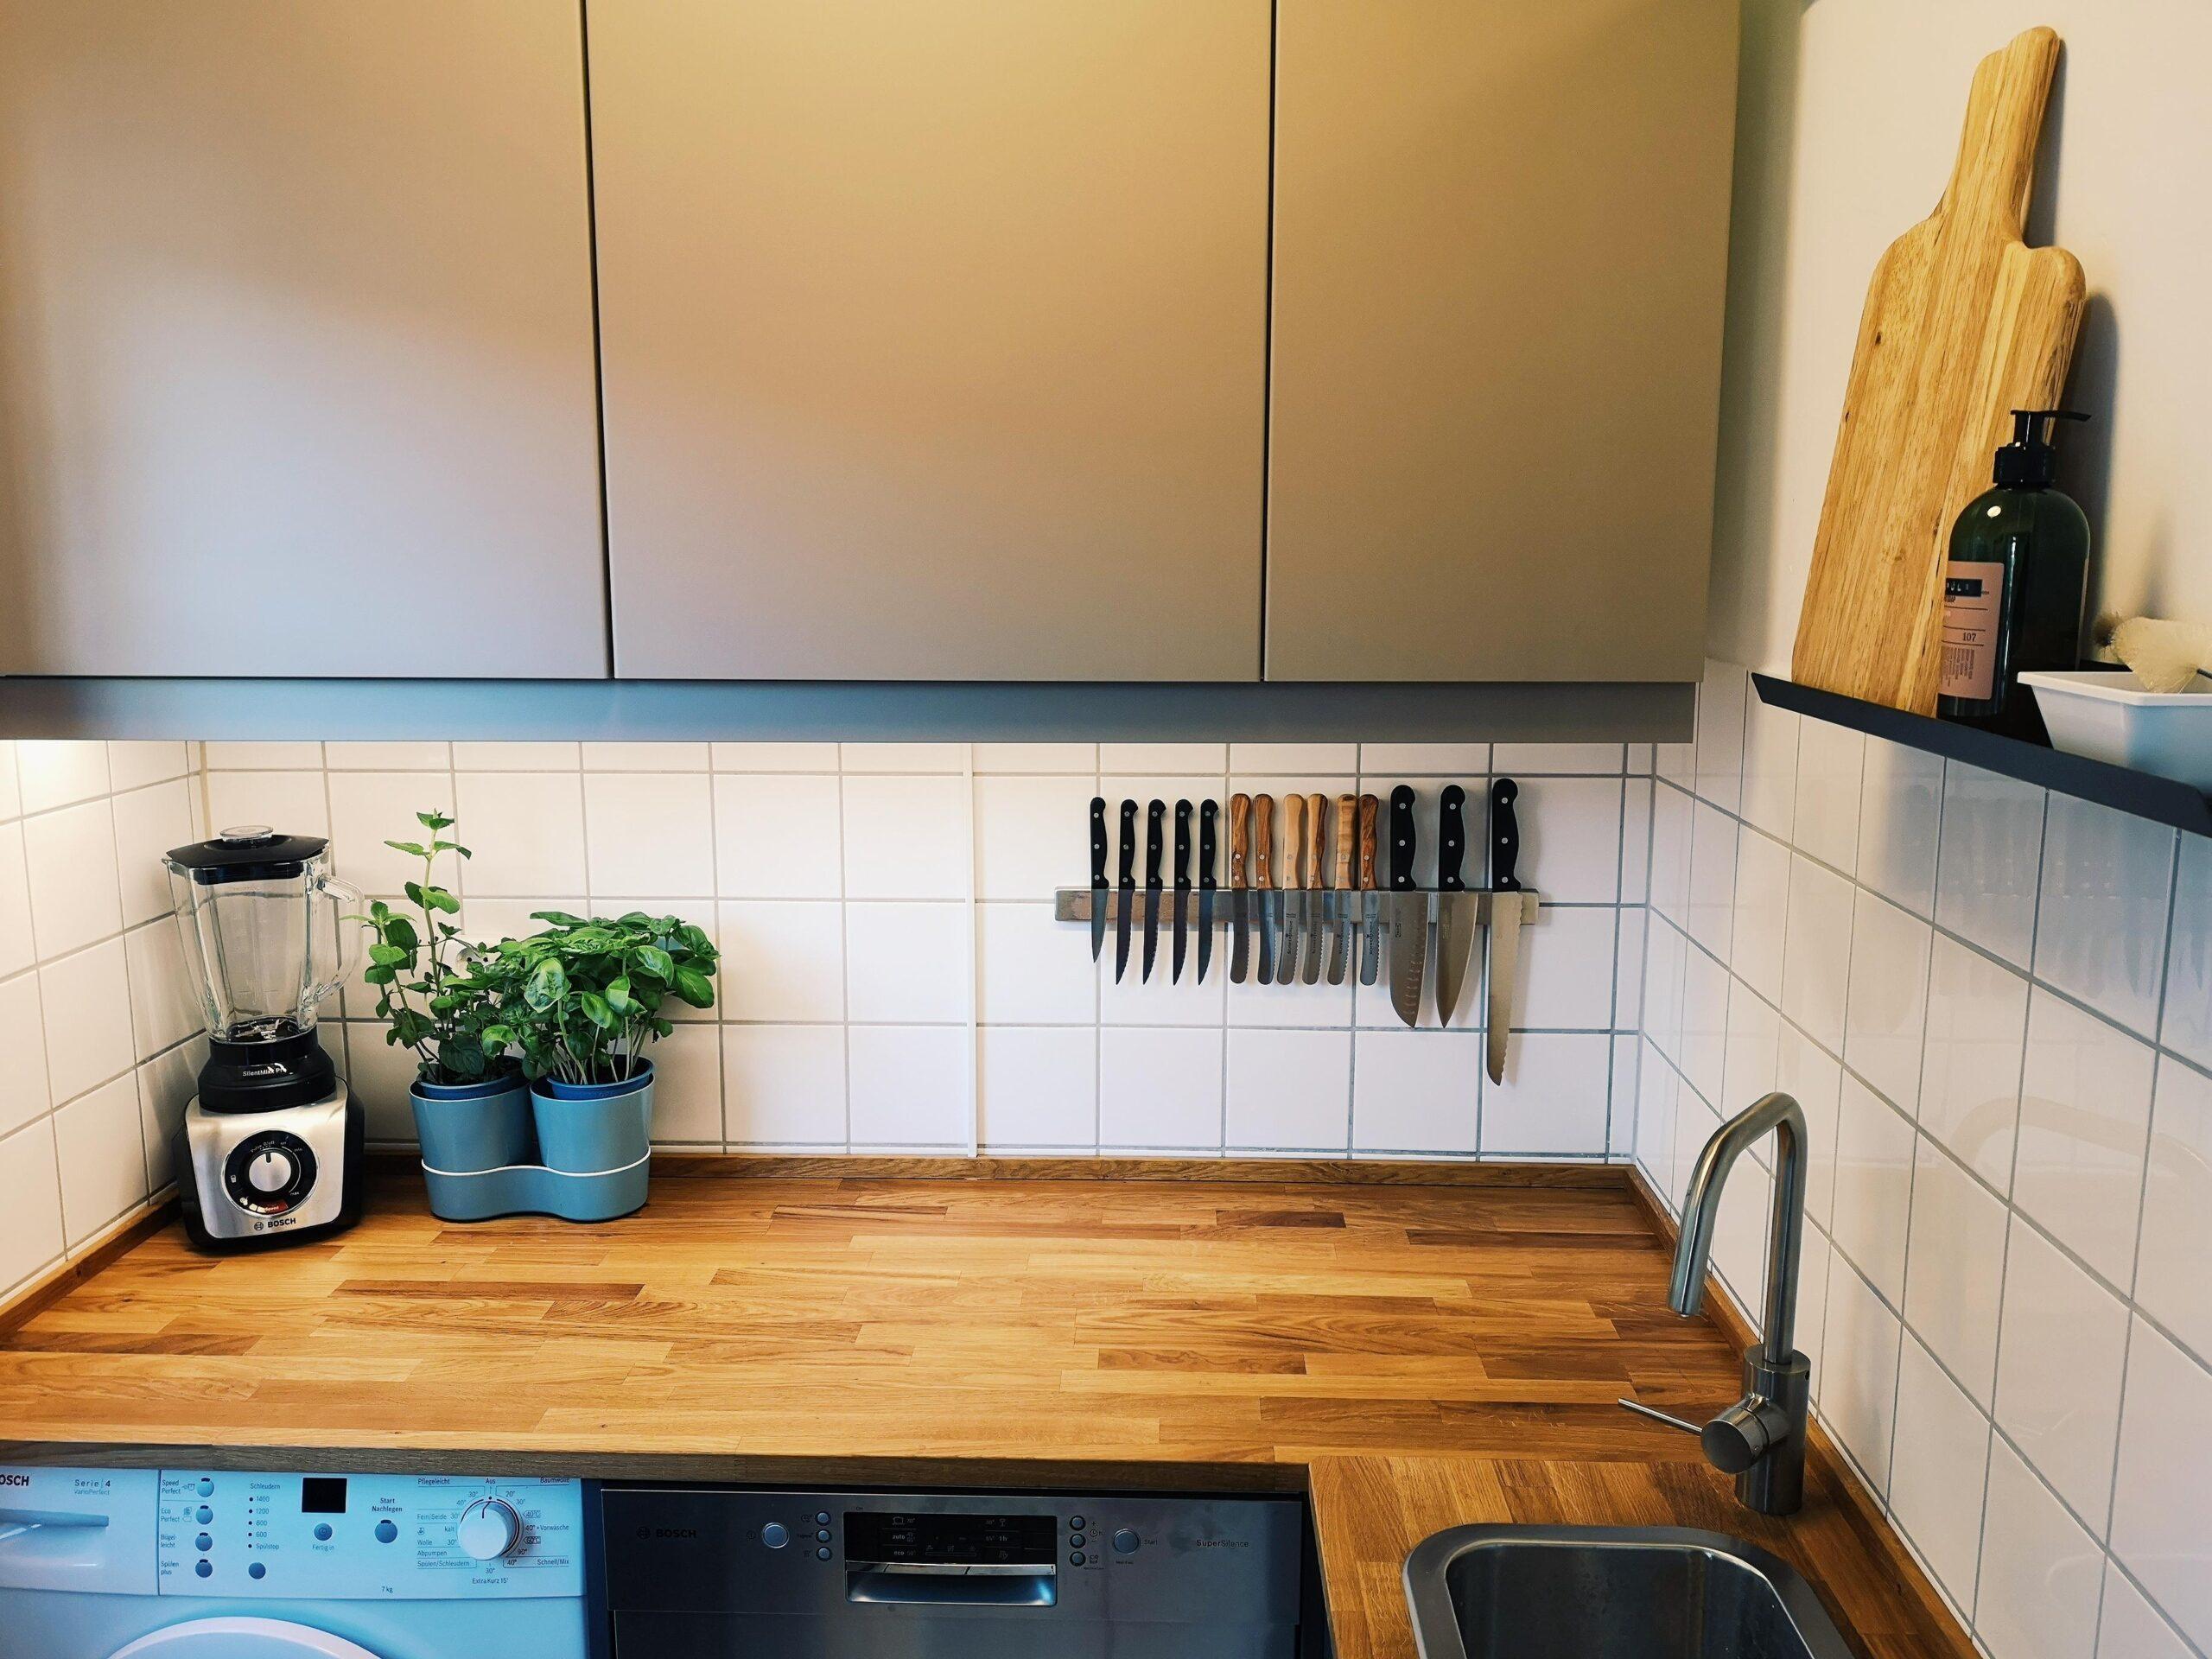 Full Size of Miniküche Ideen Minikche Bilder Couch Bad Renovieren Wohnzimmer Tapeten Ikea Stengel Mit Kühlschrank Wohnzimmer Miniküche Ideen